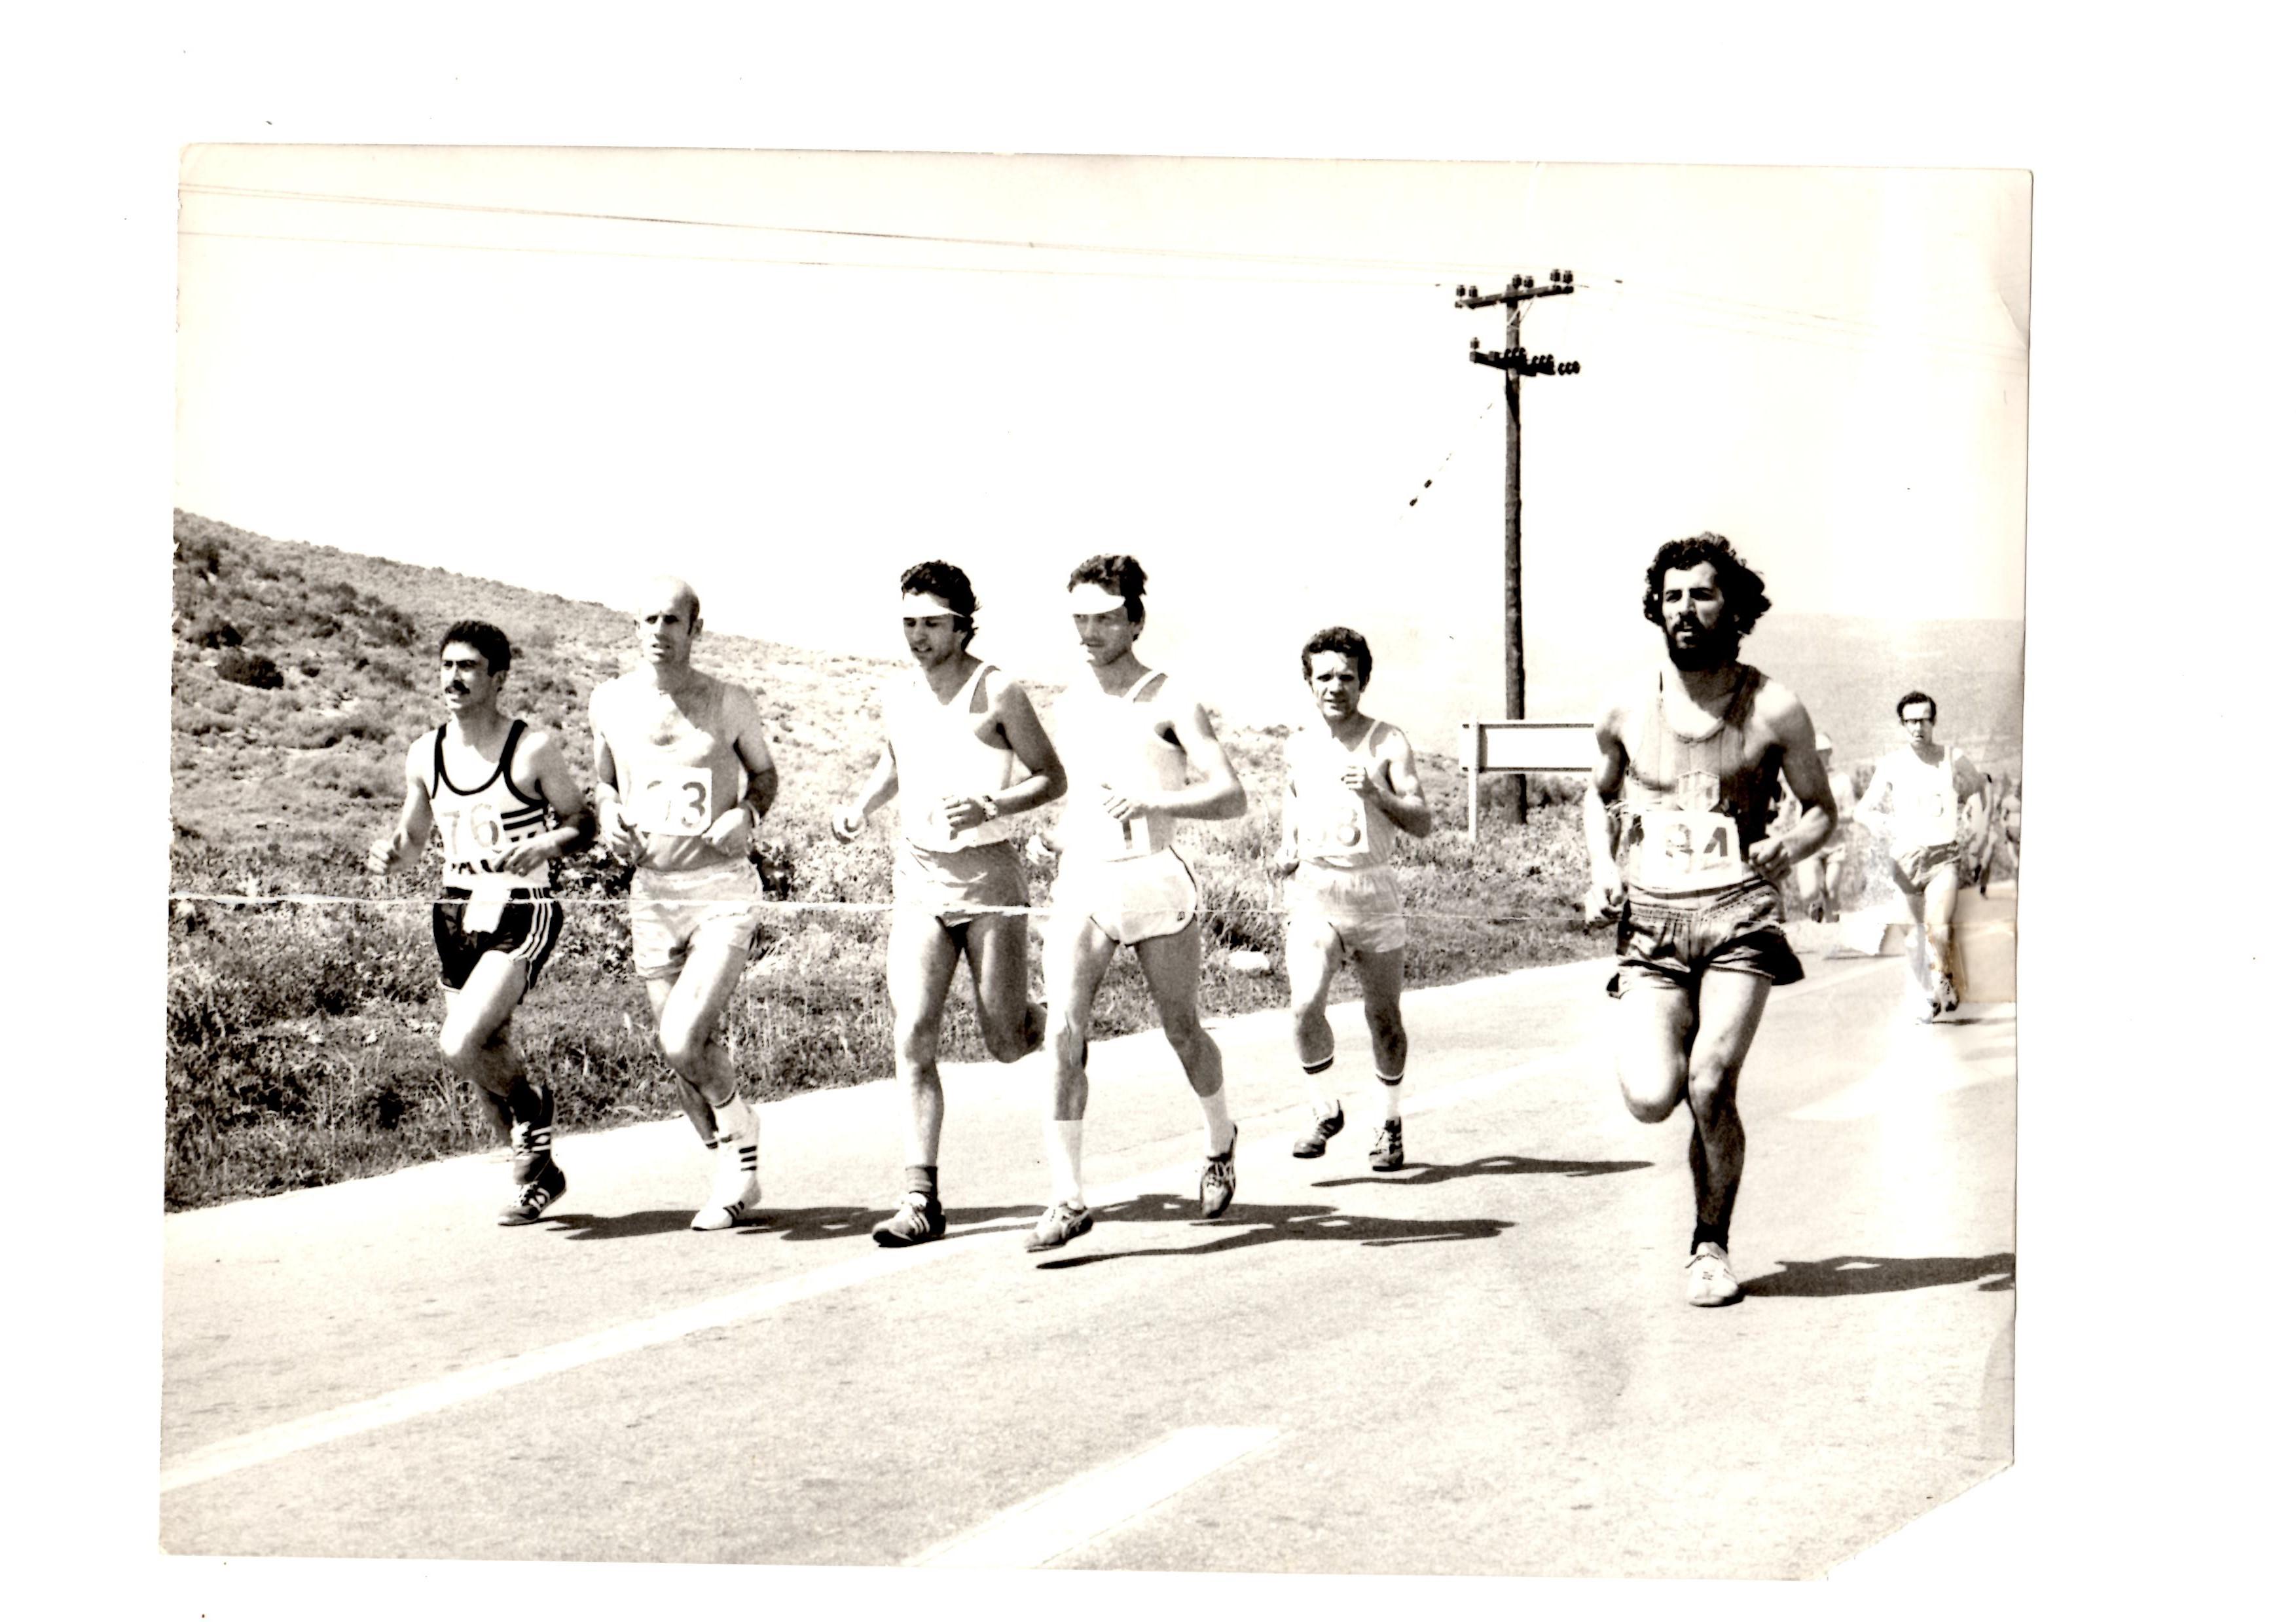 Κλασσικος μαραθωνιος Αθηνων 1974 με Παγκαλο,Καλυβα,Ζασκα